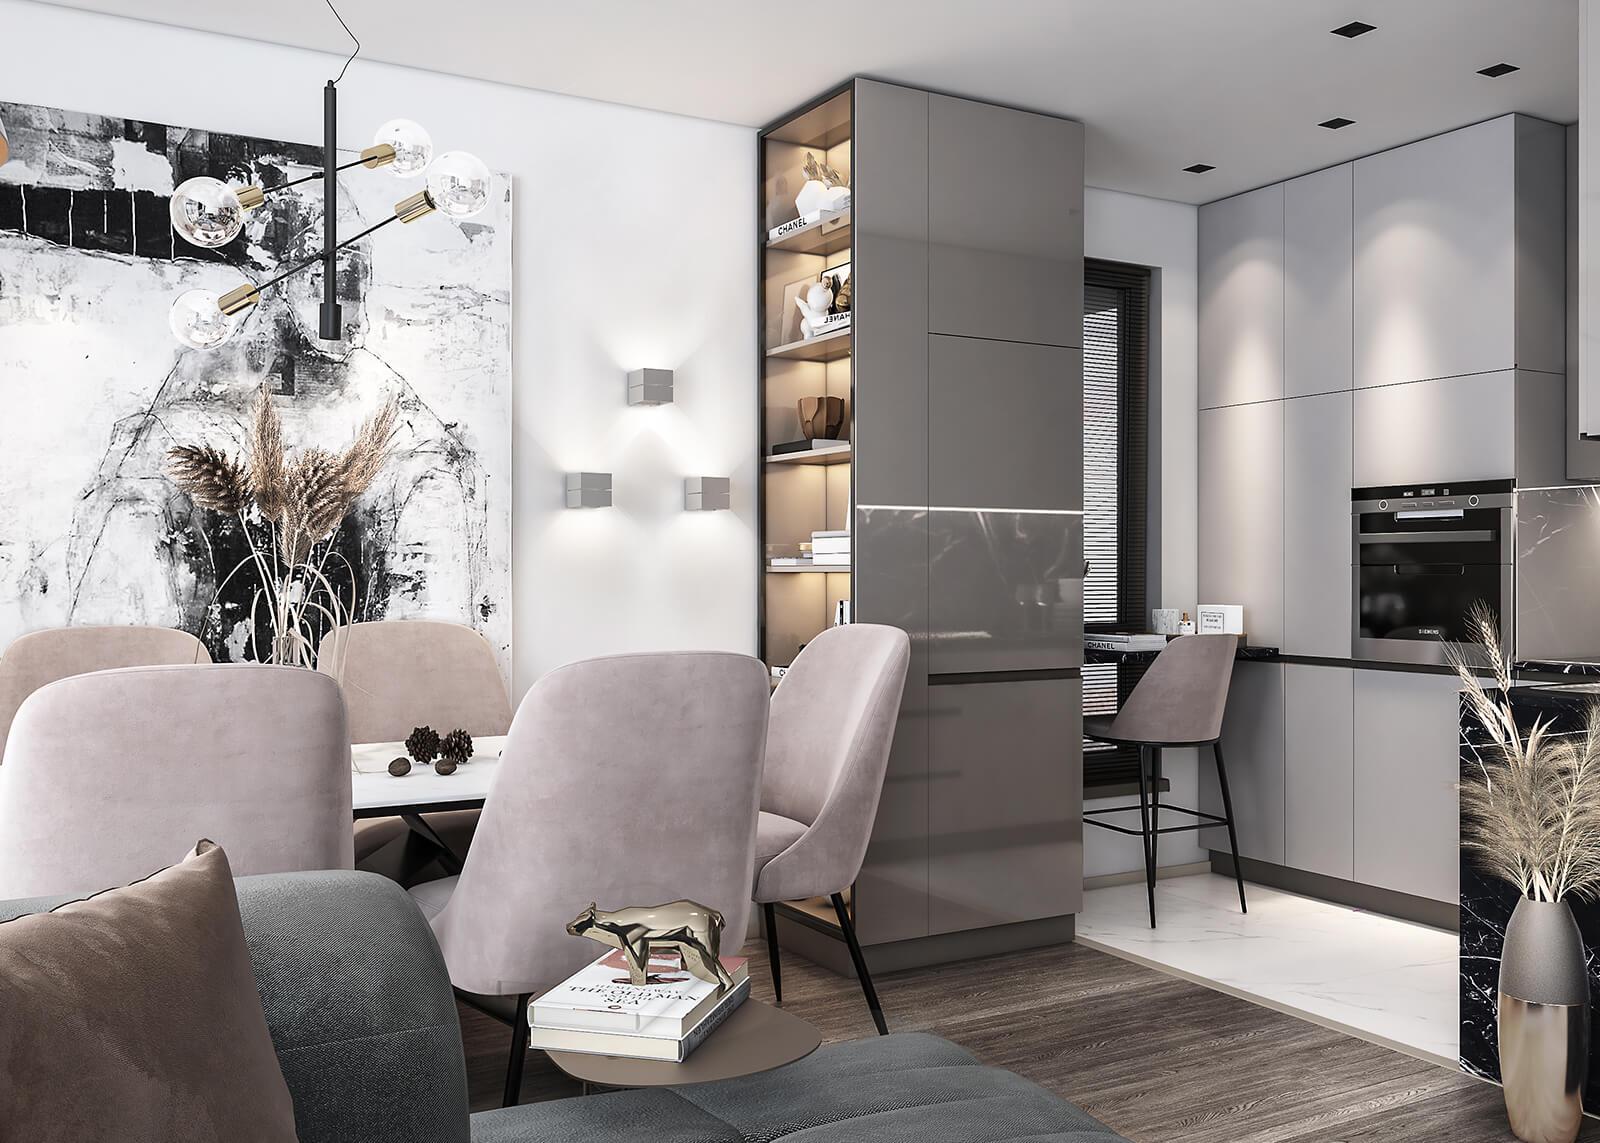 interioren-dizain-poekt-na-kuhnia-po-poruchka-paulo